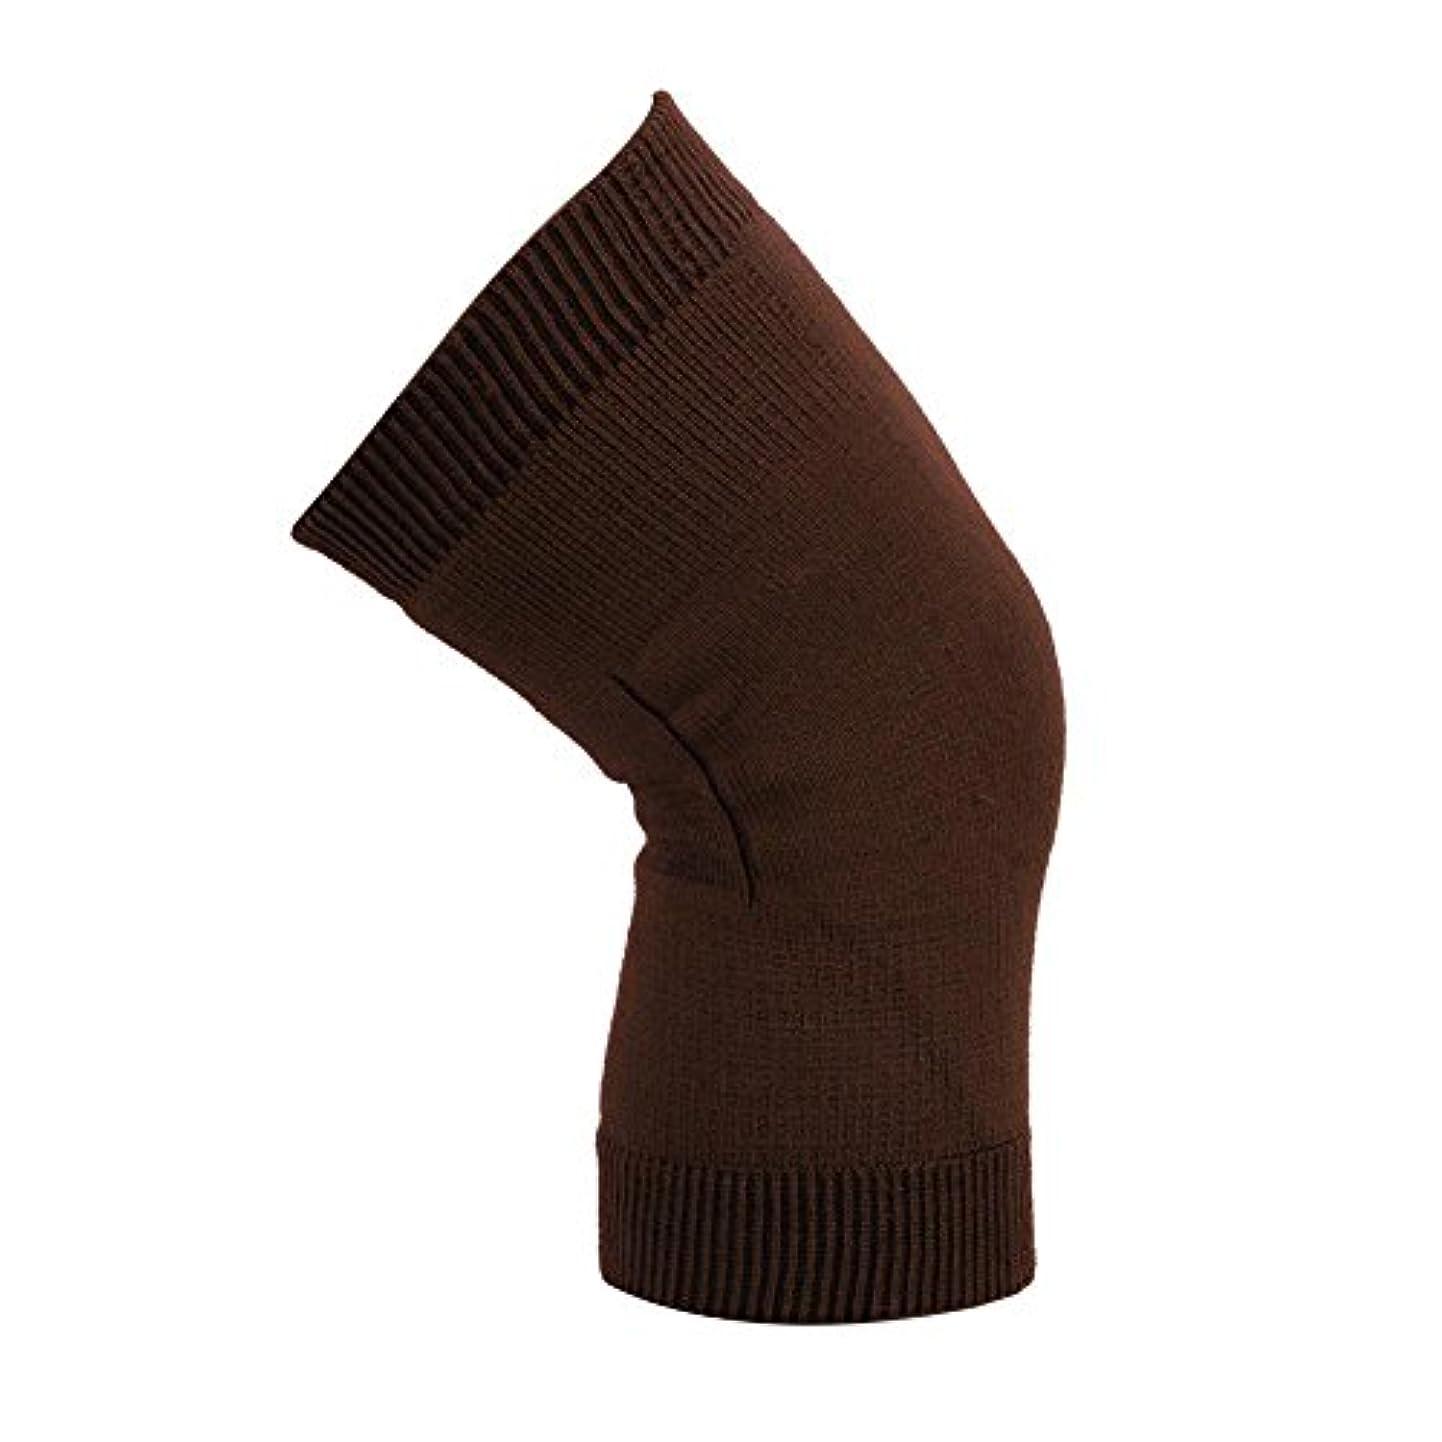 信じられない致命的再集計膝関節のサポート - 膝のサポート、大人の膝パッドのサポートダブル膝のサポート - 膝セットロッククライミングジョギングバレーボール乗馬膝の負傷者男性と女性1ペア(コーヒー)